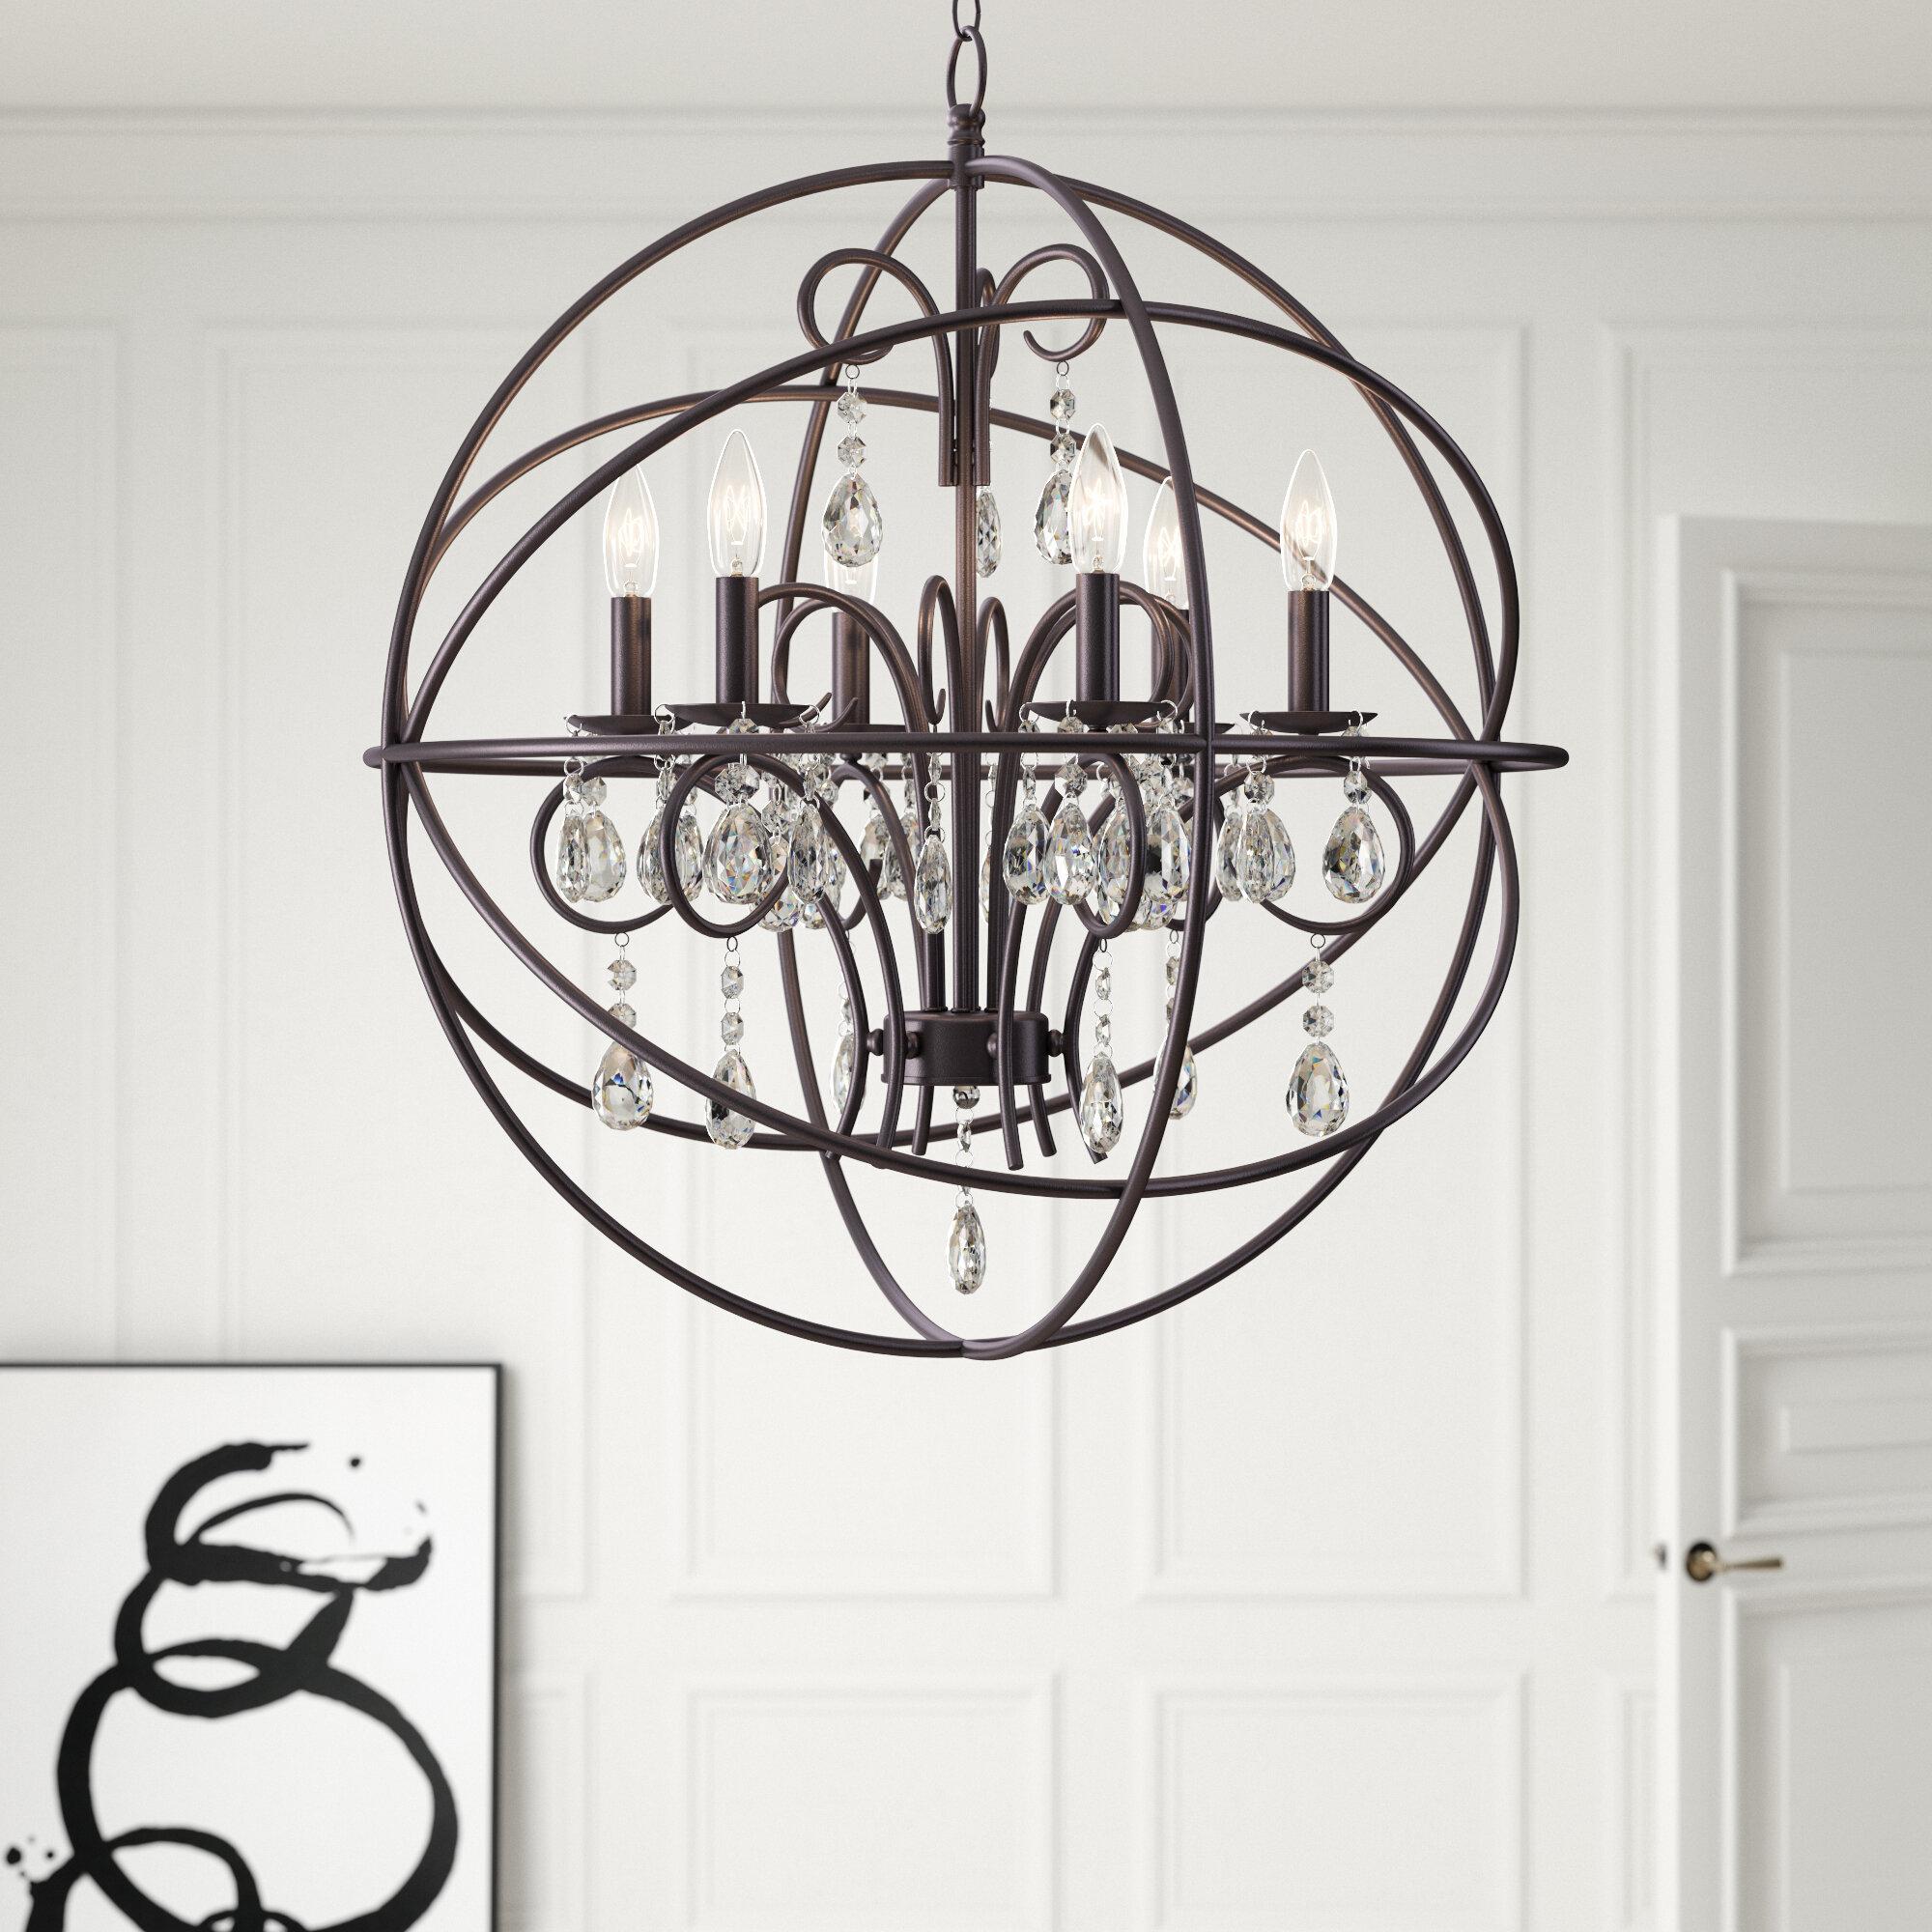 Alden 6-Light Globe Chandelier throughout Shipststour 3-Light Globe Chandeliers (Image 3 of 30)